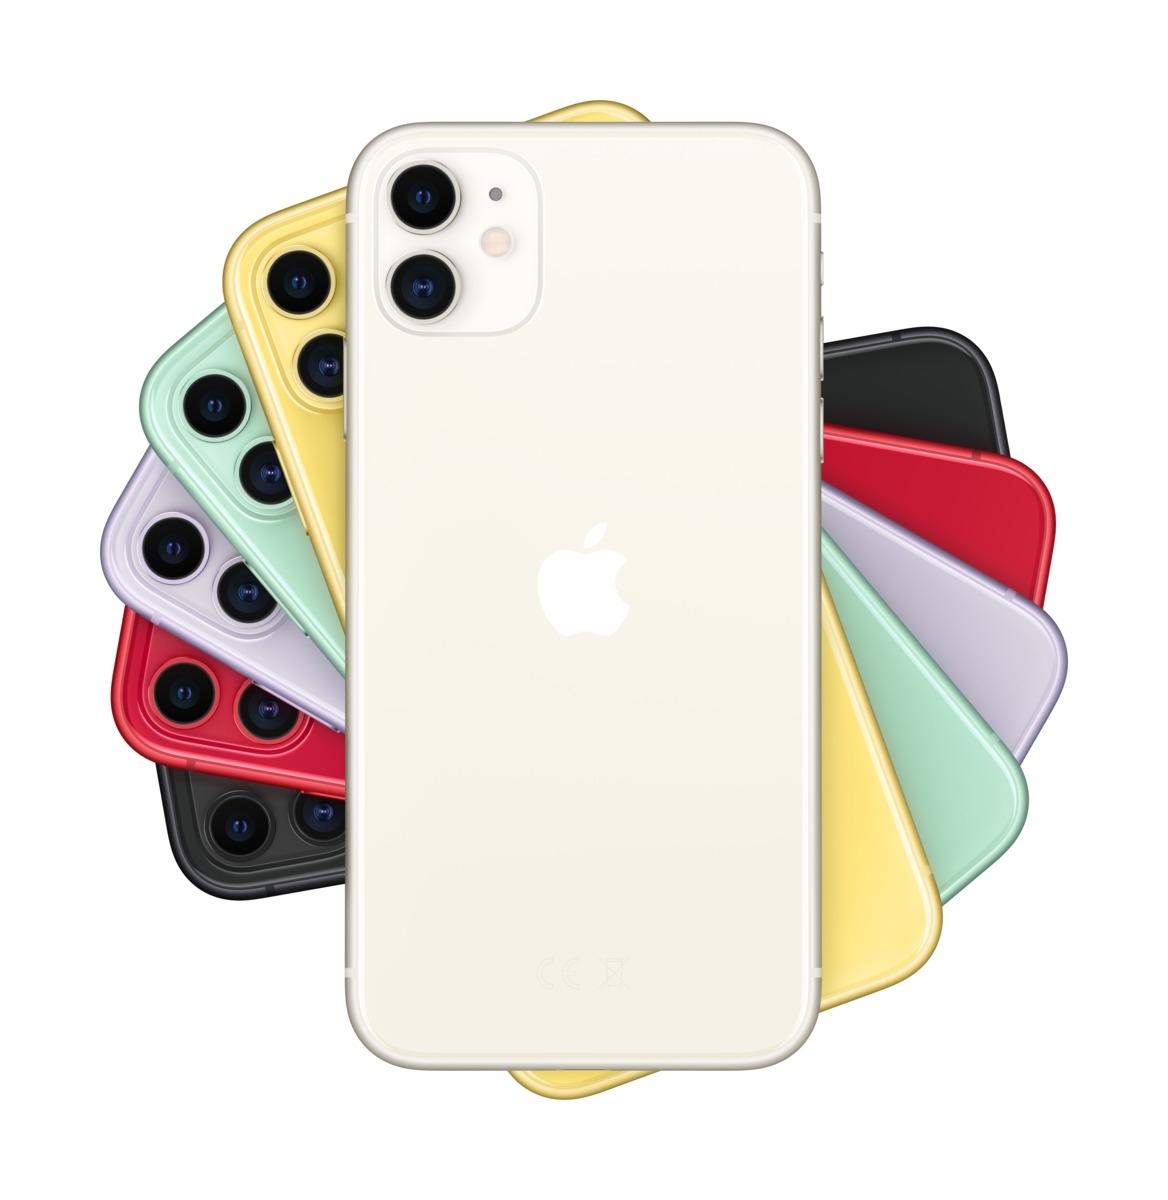 Apple iPhone 11 256 GB Weiß MWM82ZD/A